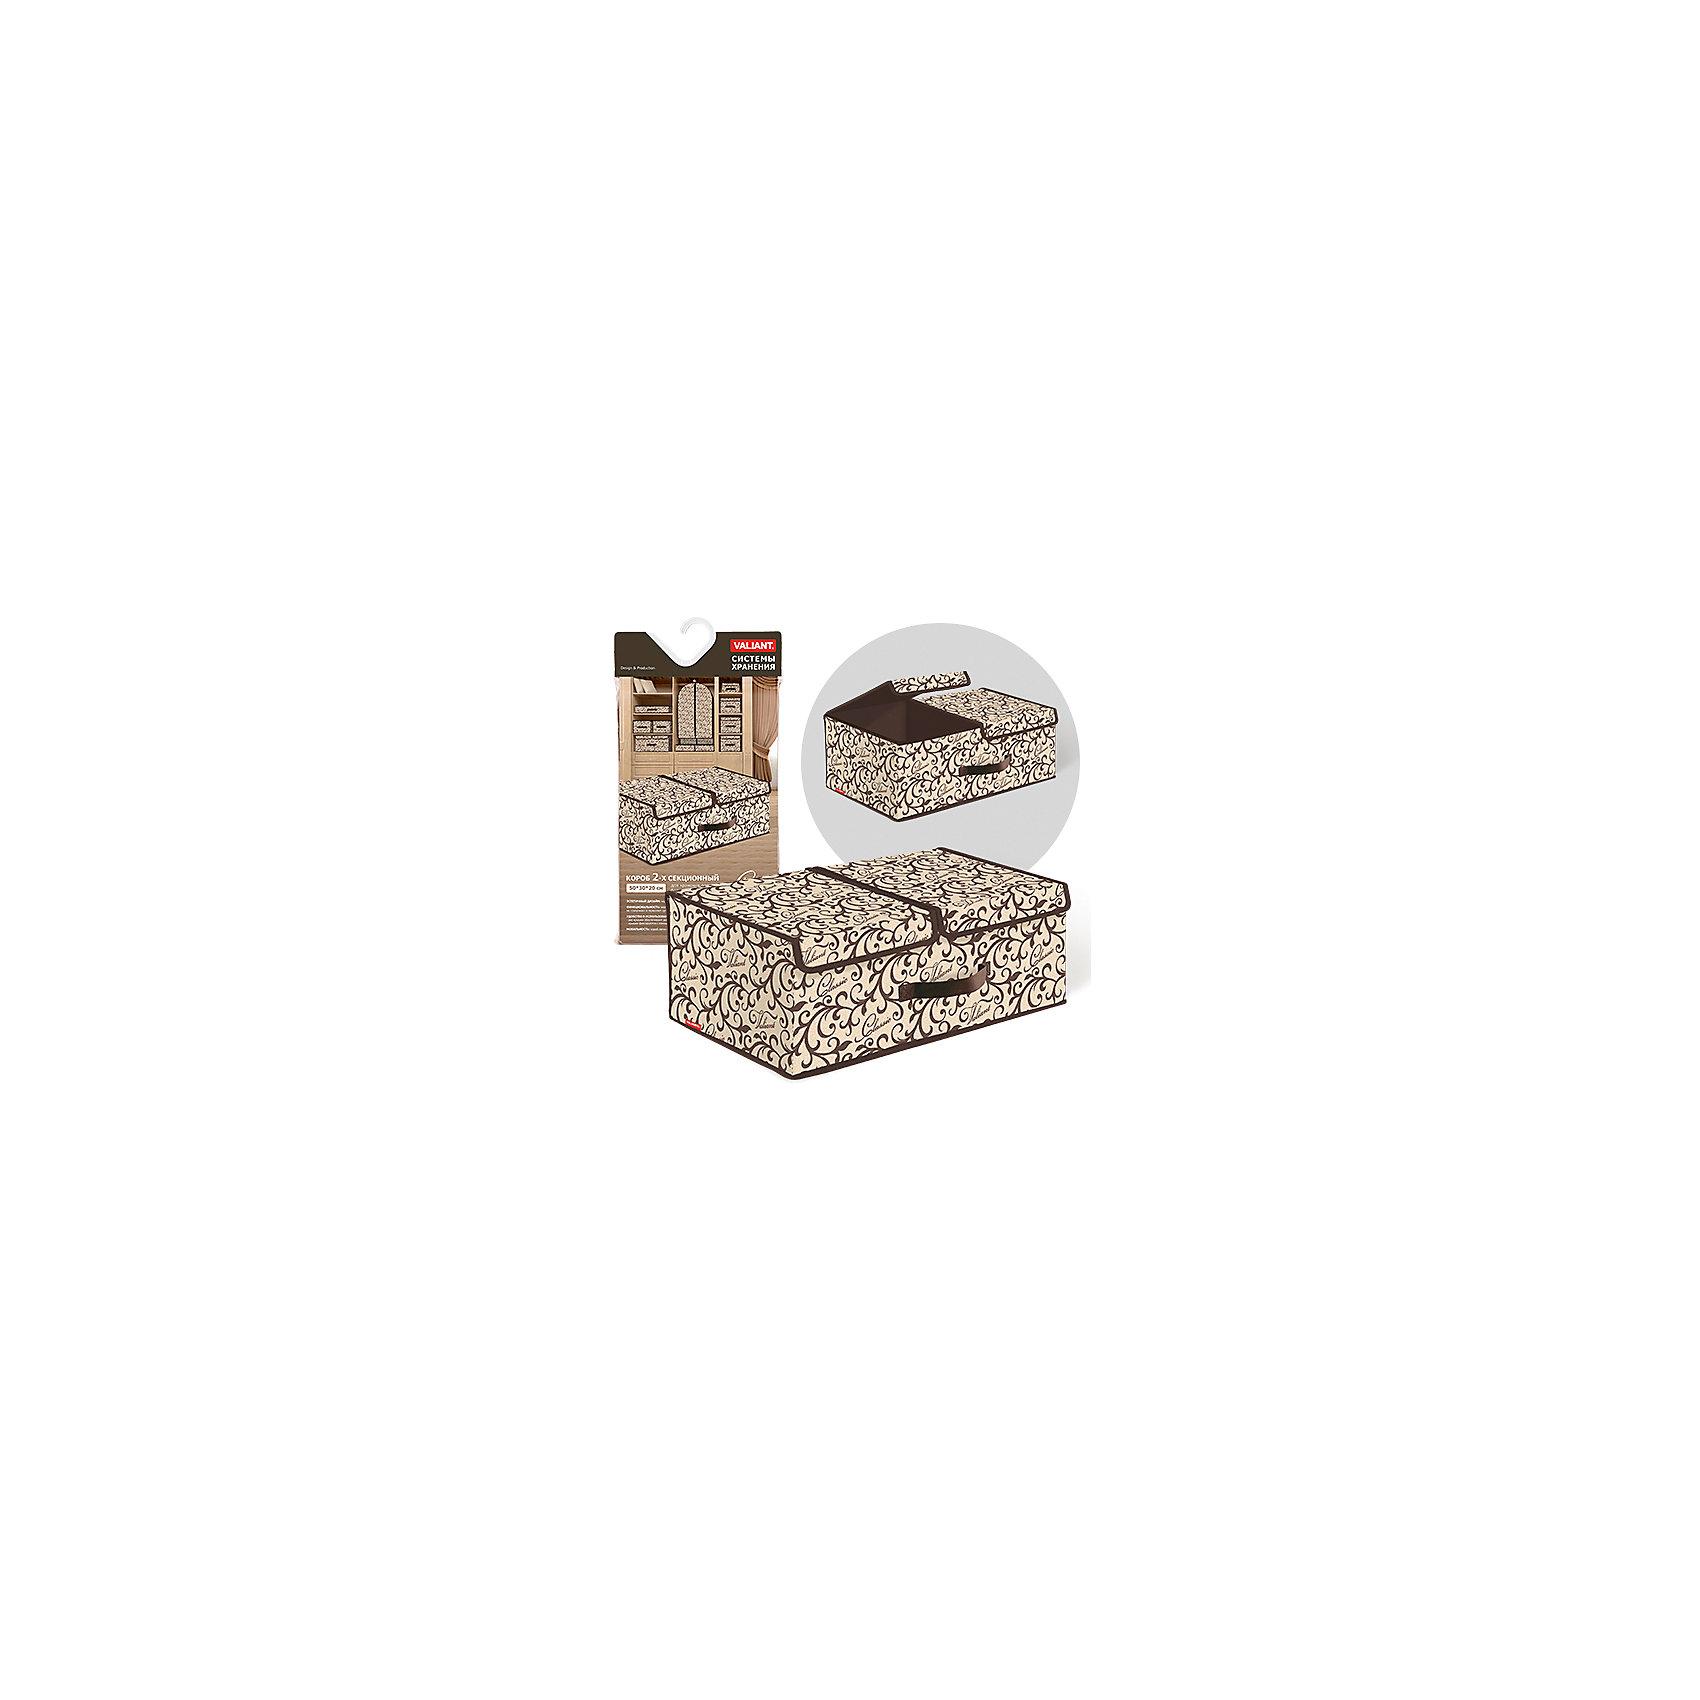 Короб стеллажный 2-х секционный, 50*30*20 см, CLASSIC, ValiantПорядок в детской<br>Короб стеллажный 2-х секционный, 50*30*20 см, CLASSIC, Valiant (Валиант) – это идеальное решение для хранения вещей.<br>Стеллажный 2-х секционный короб CLASSIC от Valiant (Валиант) для хранения одежды, белья и мелких аксессуаров поможет организовать пространство на полках, избавит от беспорядка и спрячет вещи от посторонних глаз. Он изготовлен из высококачественного нетканого материала, который обеспечивает естественную вентиляцию, позволяя воздуху проникать внутрь, но не пропускает пыль. Вставки из плотного картона хорошо держат форму. Жесткая съемная перегородка на «липучках» позволяет организовать внутри короба две отдельные секции. Доступ к содержимому каждой секции обеспечивают две отдельные крышки, которые фиксируются с помощью специальных мгнитов. Наличие ручки позволяет удобно размещать короб на полке. Изделие отличается мобильностью: легко раскладывается и складывается. Изысканный дизайн изделия придется по вкусу ценителям классического стиля. Специально для CLASSIC Collection дизайнеры Valiant (Валиант) разработали фирменный классический вензель. Изысканный узор, гармония изящных линий и благородное сочетание цветов составляет основу элегантного дизайна CLASSIC Collection. Система хранения Classic от Valiant (Валиант) гармонично вписывается в современный классический гардероб.<br><br>Дополнительная информация:<br><br>- Размер: 50х30х20 см.<br>- Материал: нетканый материал, картон<br>- Цвет: коричневый, бежевый<br><br>Короб стеллажный 2-х секционный, 50*30*20 см, CLASSIC, Valiant (Валиант) можно купить в нашем интернет-магазине.<br><br>Ширина мм: 300<br>Глубина мм: 20<br>Высота мм: 610<br>Вес г: 1035<br>Возраст от месяцев: 36<br>Возраст до месяцев: 1080<br>Пол: Унисекс<br>Возраст: Детский<br>SKU: 4993404